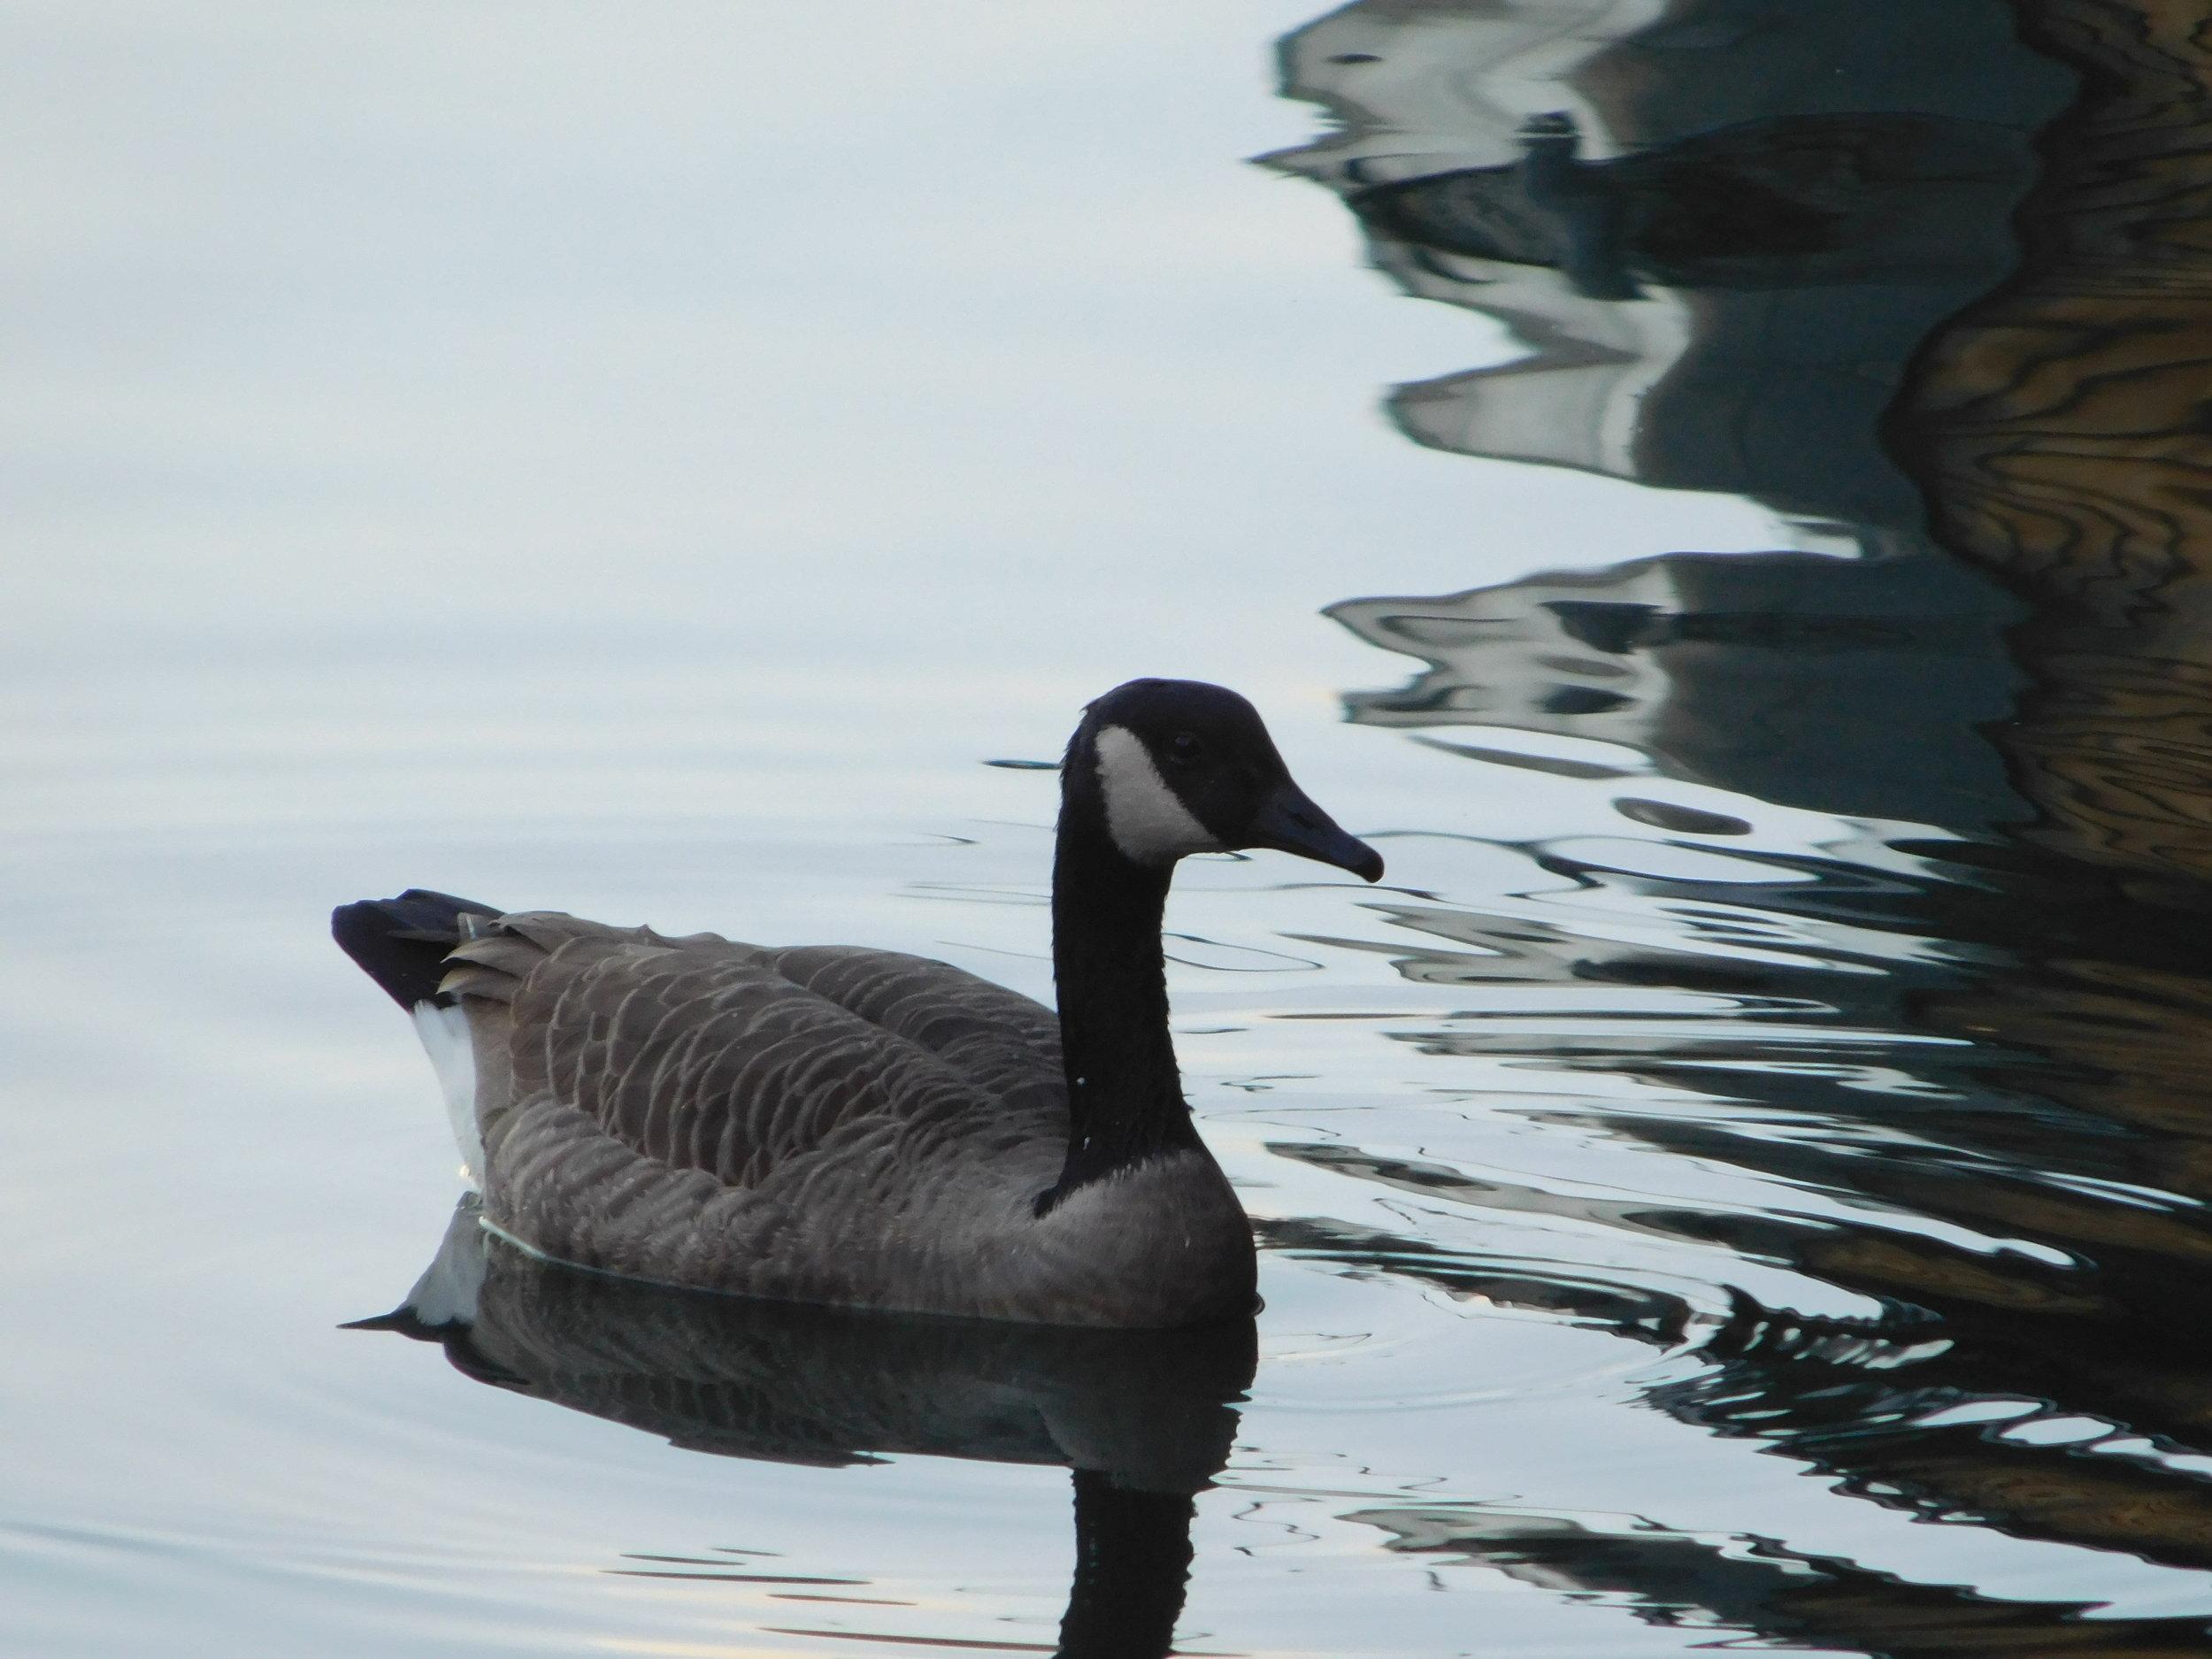 Goose in Boston, Massachusetts.JPG